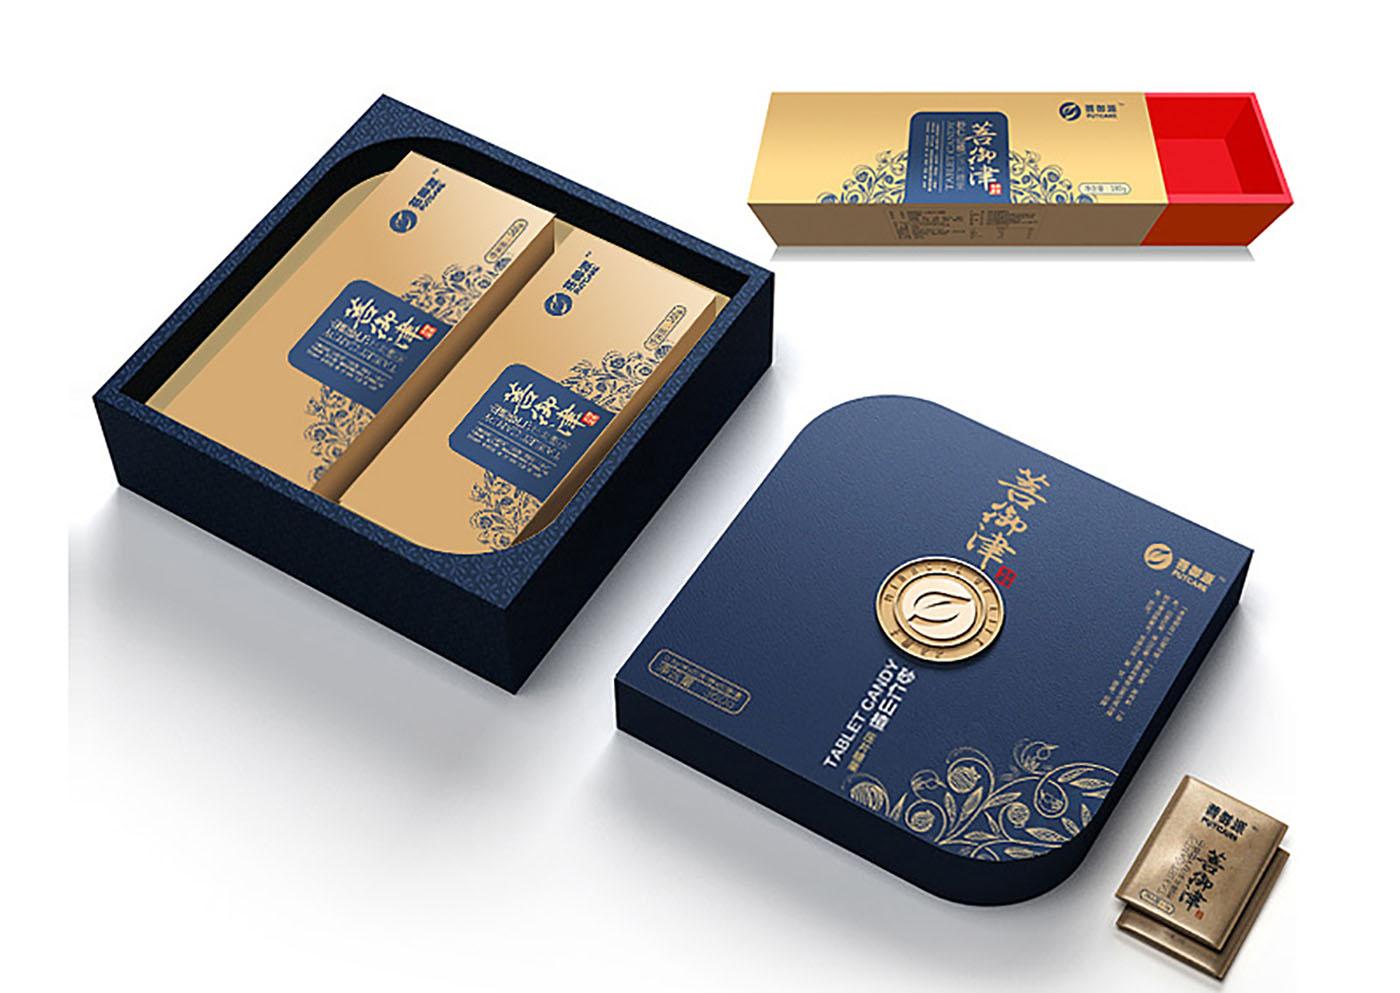 礼盒装保健品包装设计-高端保健品包装定制公司